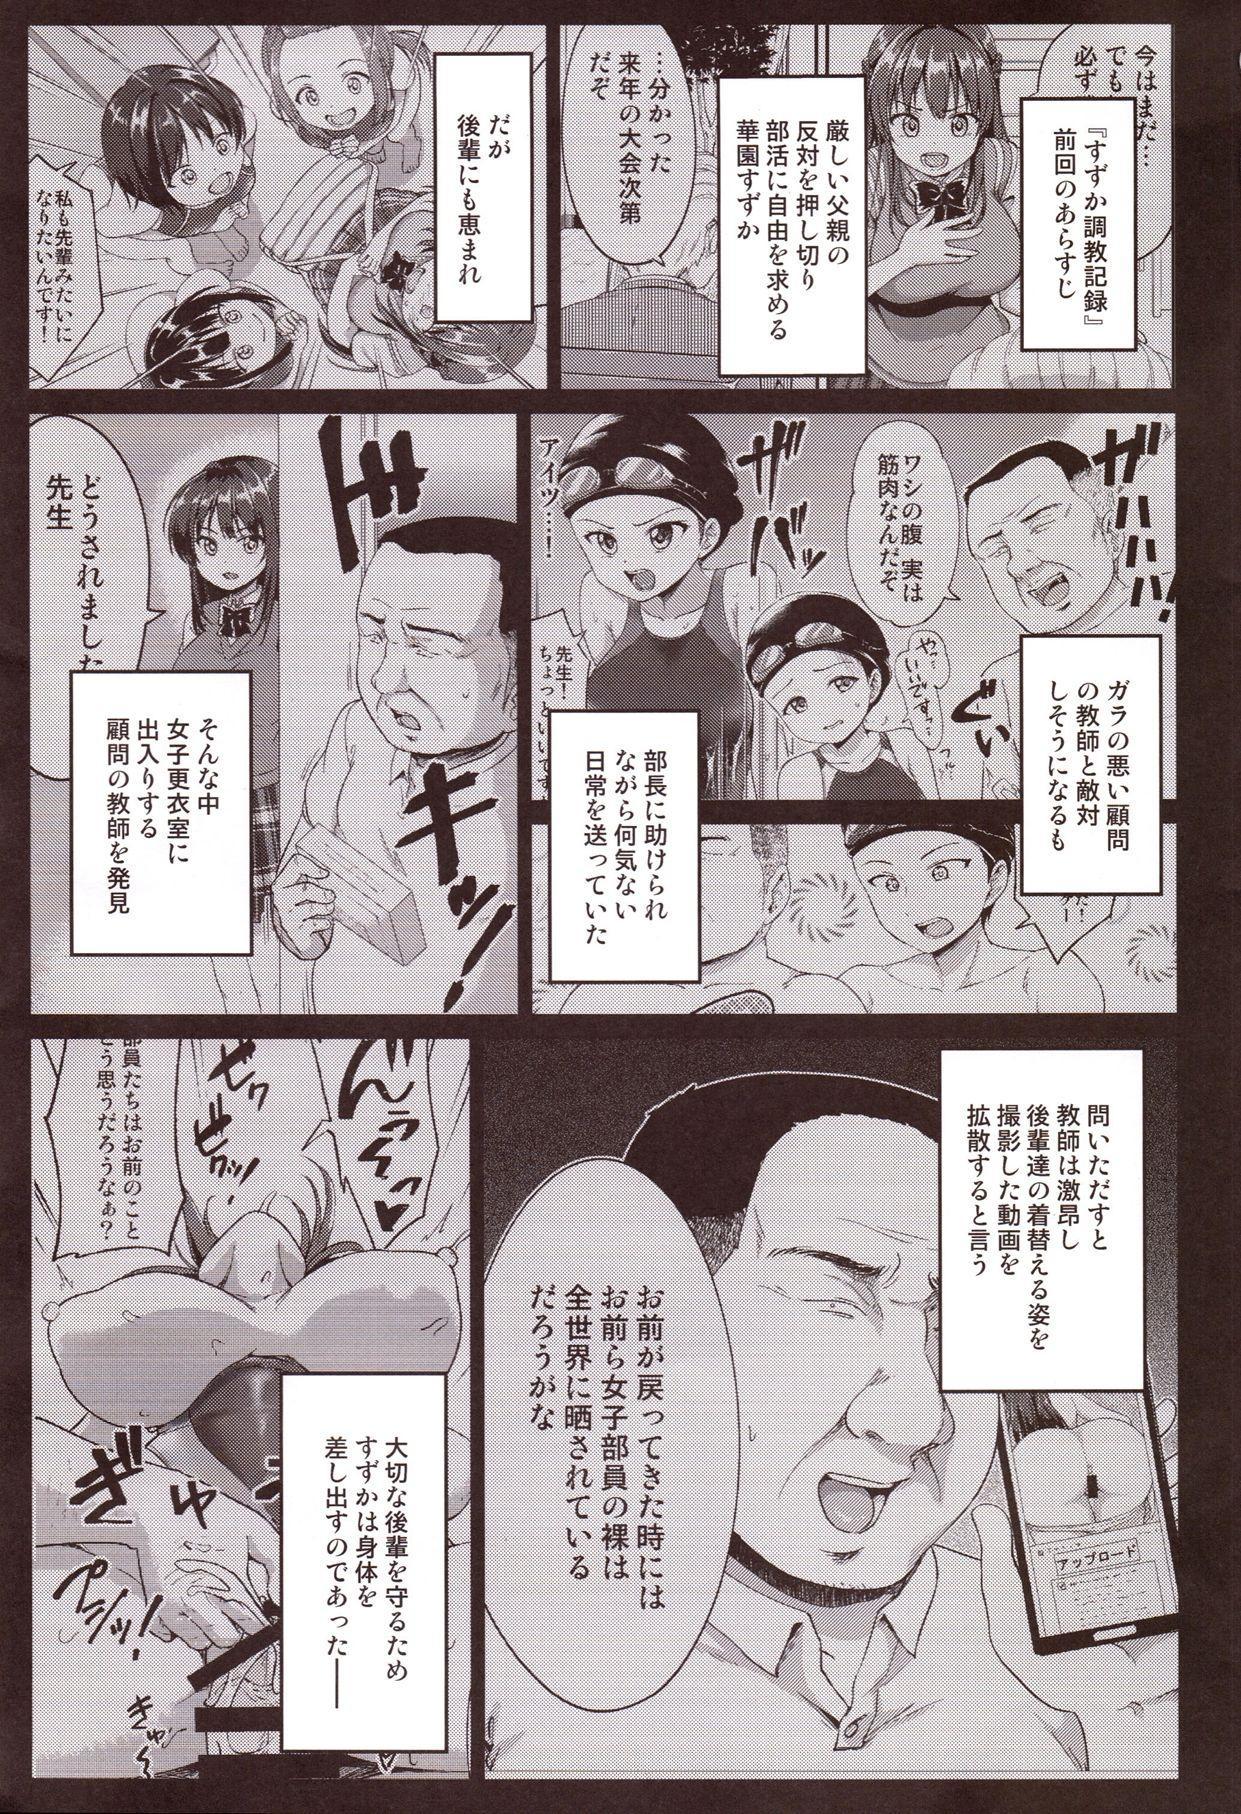 Suzuka Choukyou Kiroku 2 1